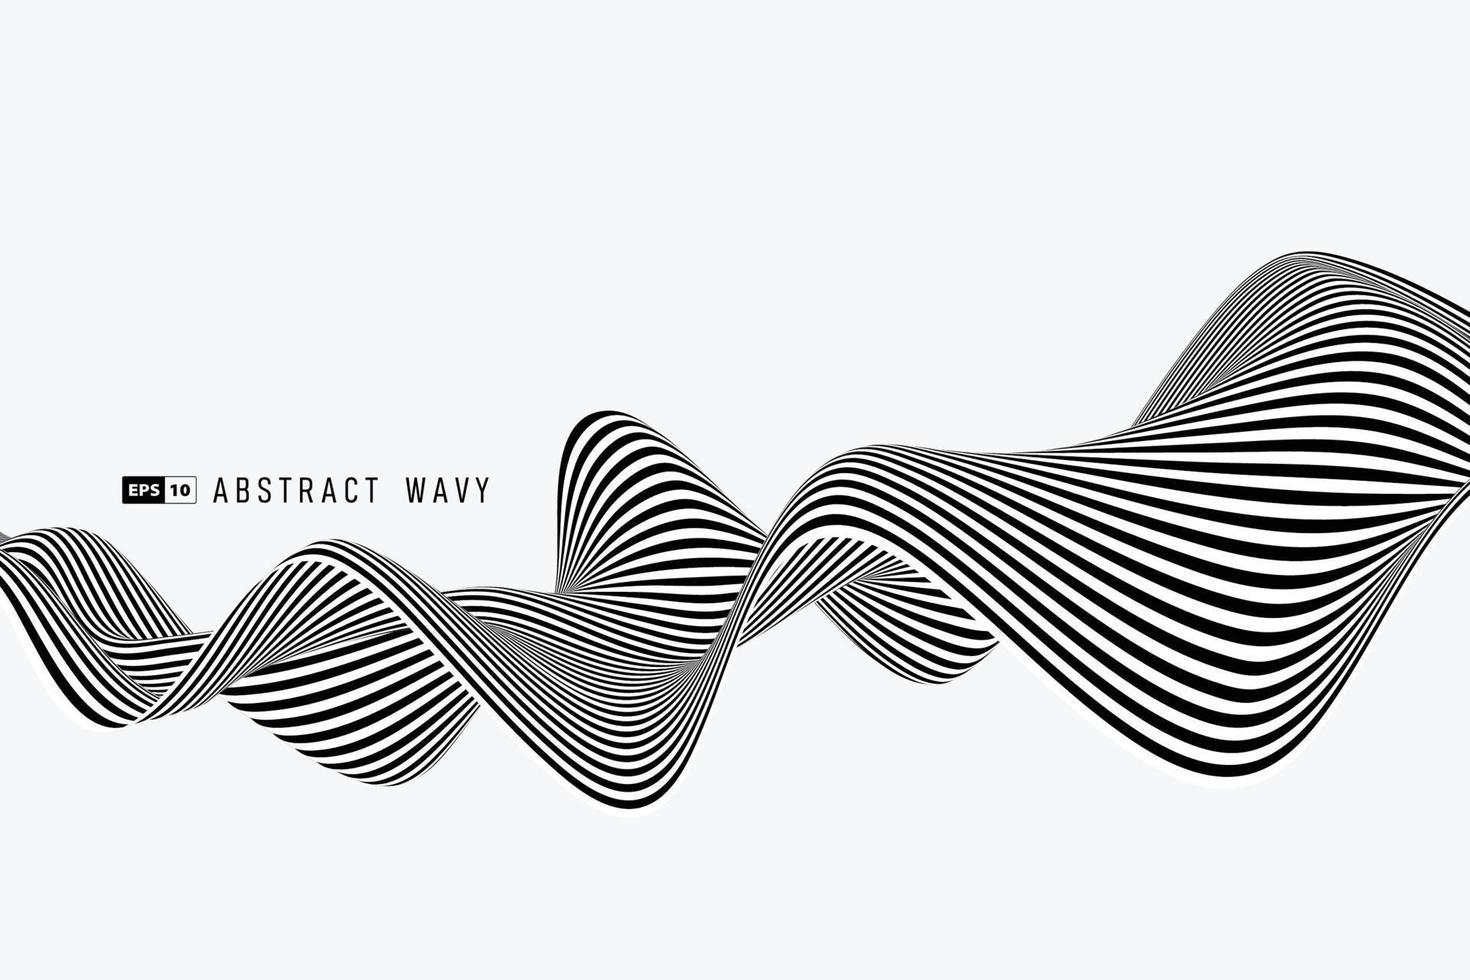 ligne abstraite de rayures minimales noir et blanc de fond de décoration en maille. illustration vectorielle eps10 vecteur